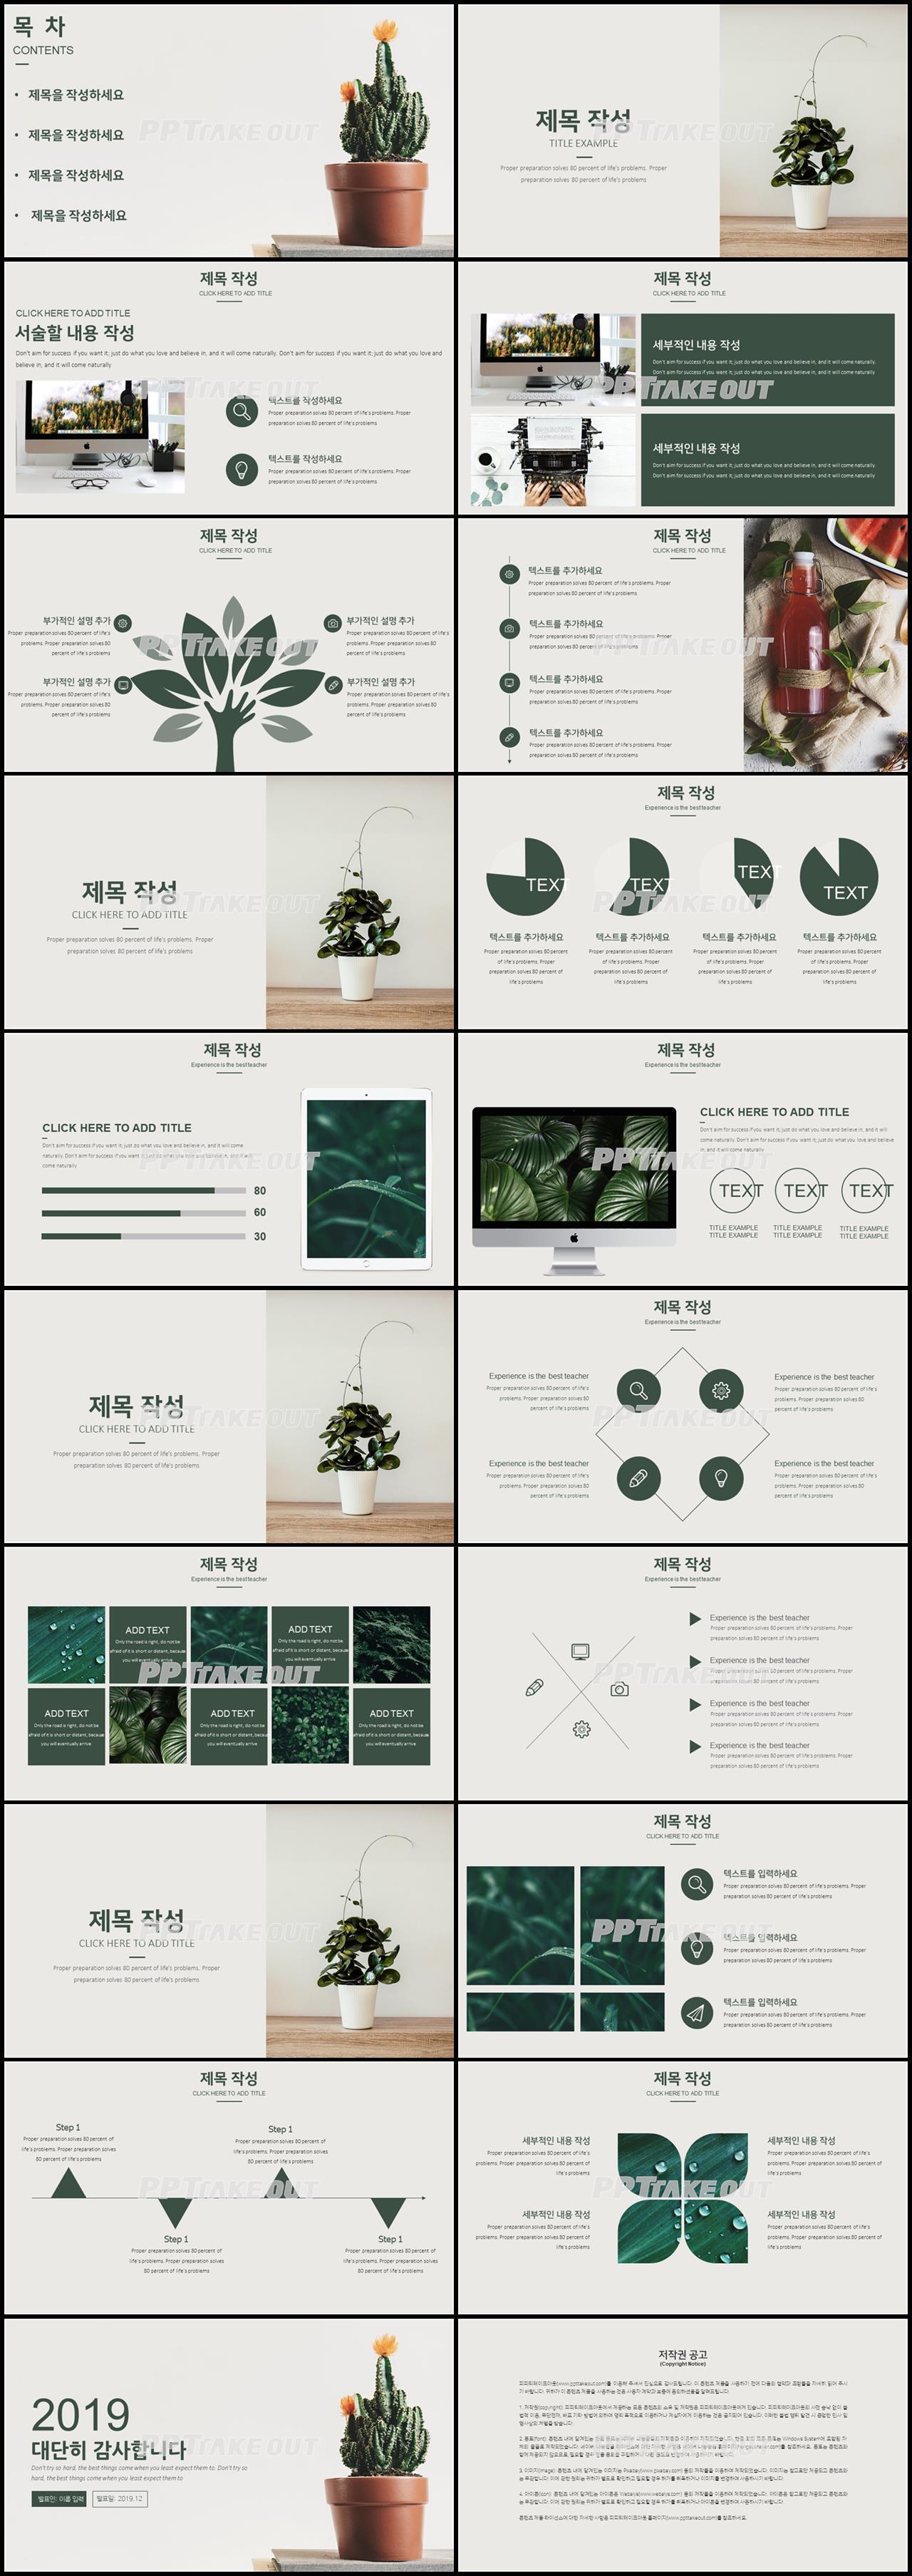 업무관리 초록색 간편한 발표용 파워포인트샘플 다운 상세보기